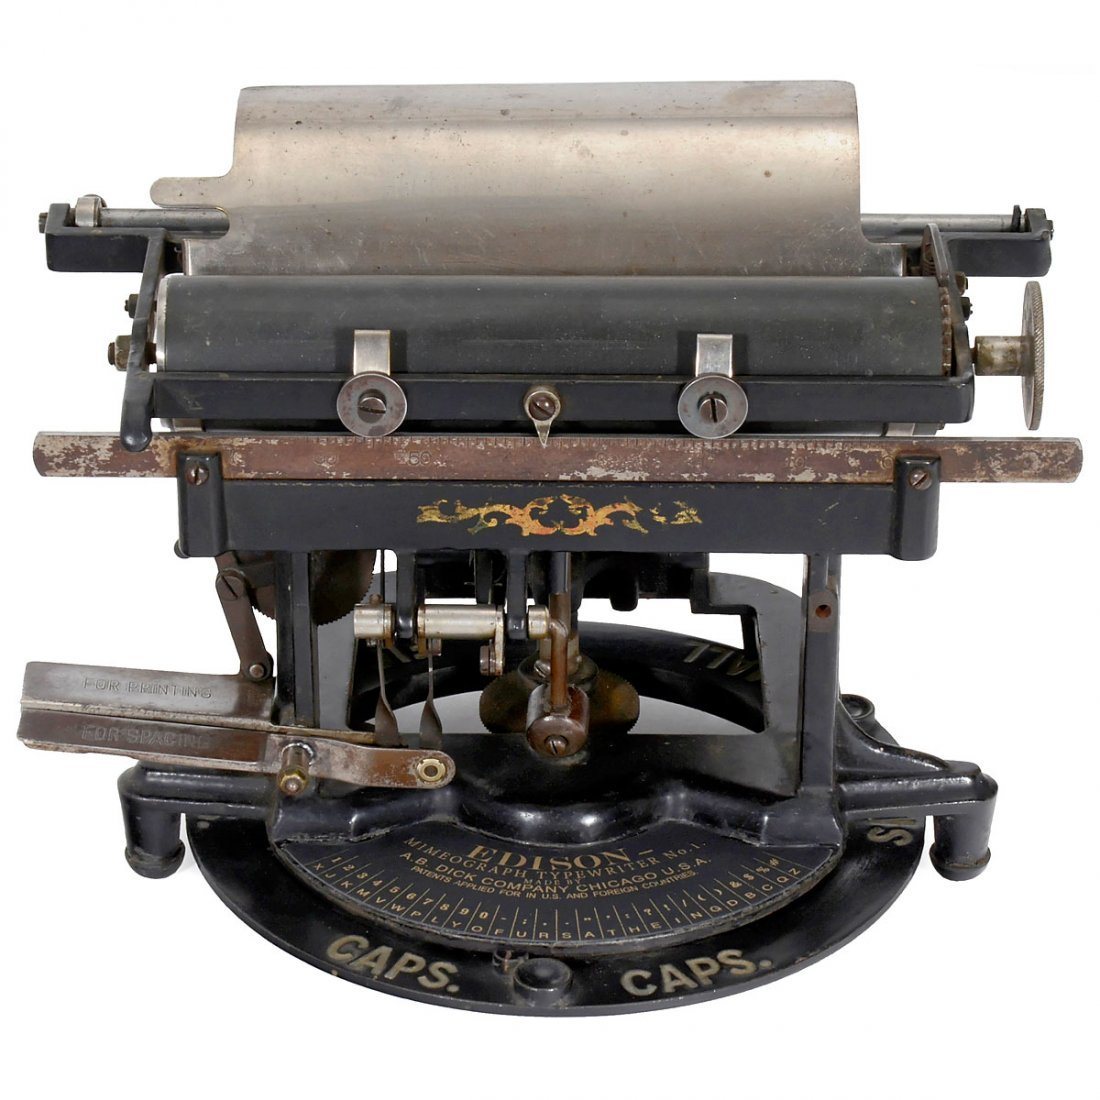 Edison Mimeograph Typewriter No. 1, 1894